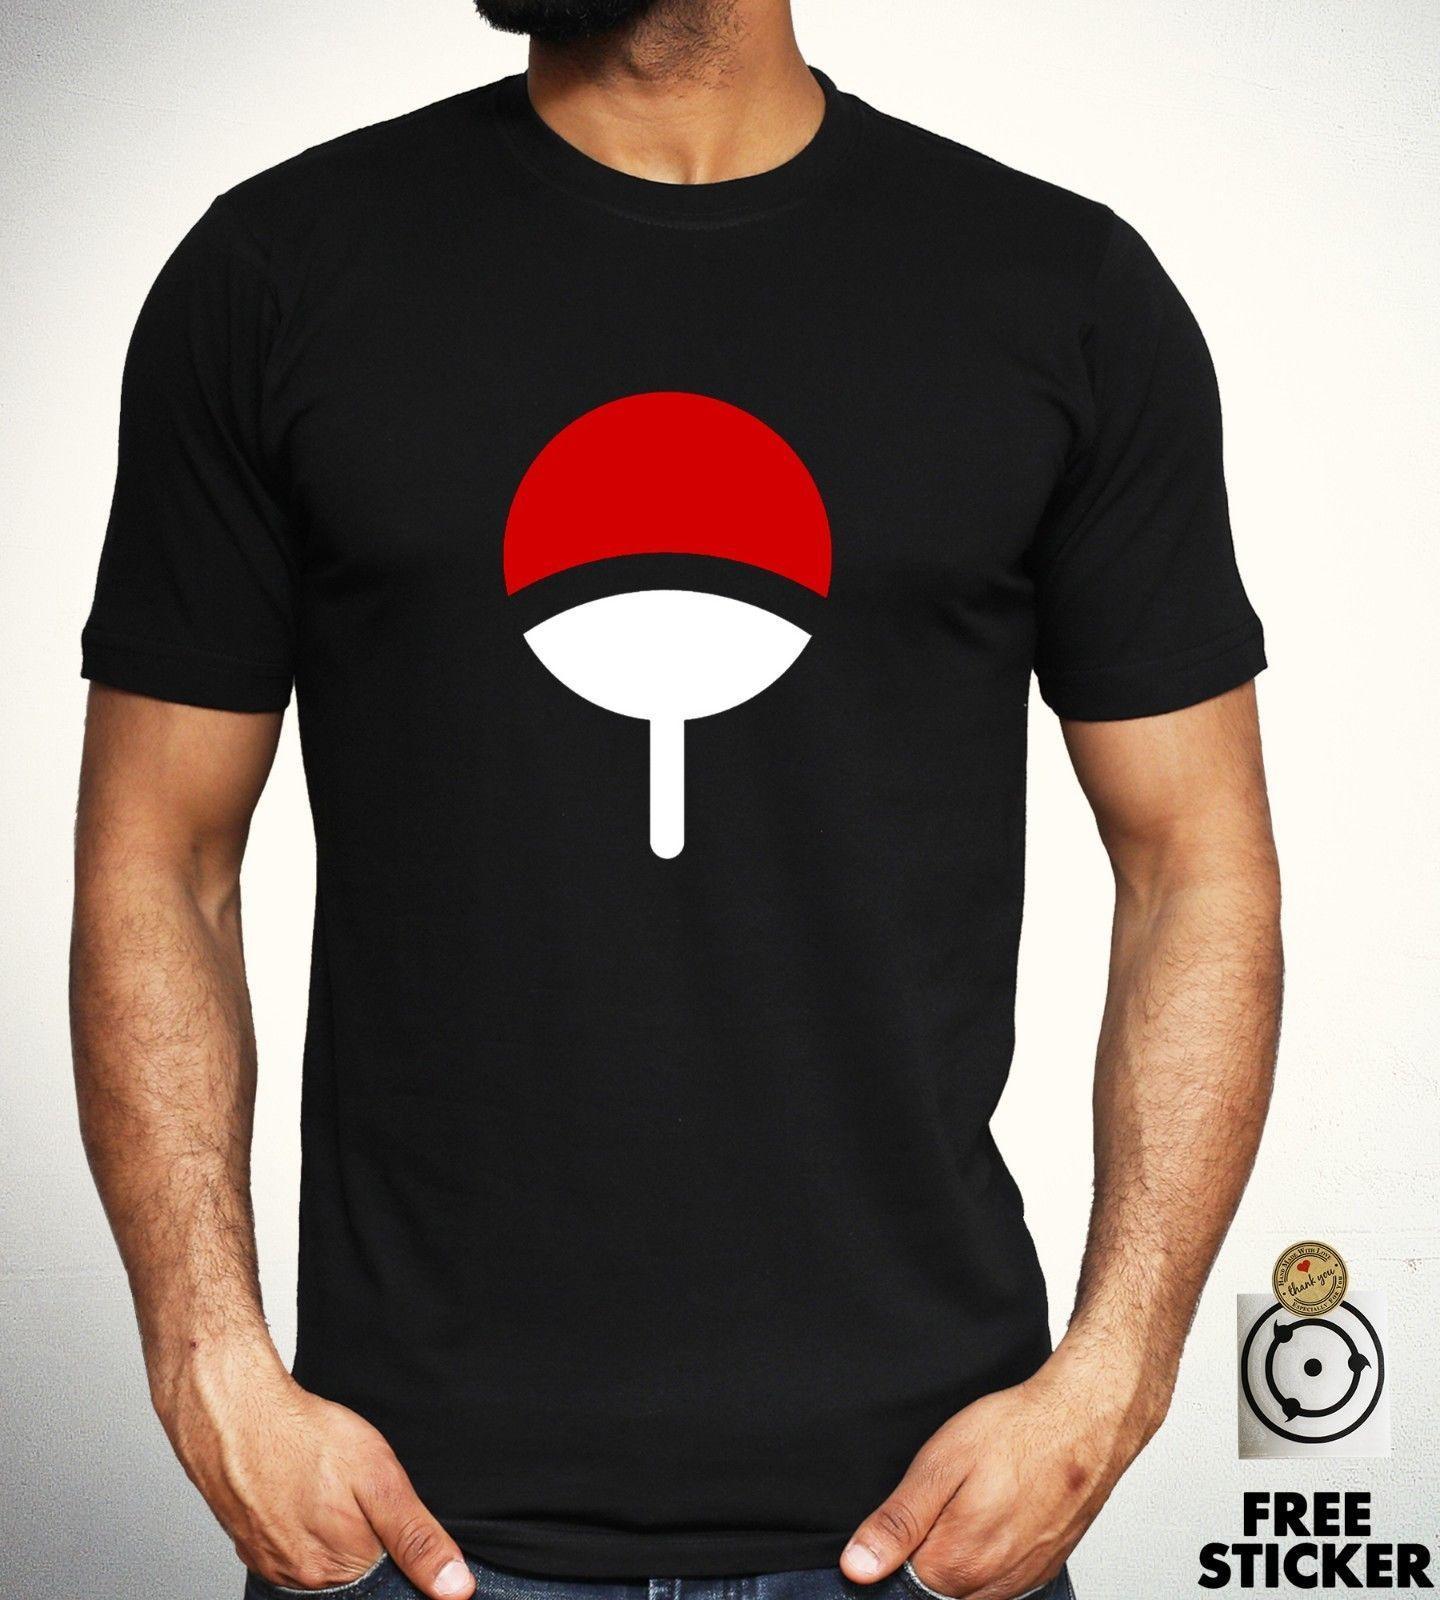 Compre Símbolo Da Camisa Do T Do Clã Uchiha Sharingan Sasuke Itachi Madara  Dos Homens Dos Miúdos Tee De Printforless51 8e63ede8681e1